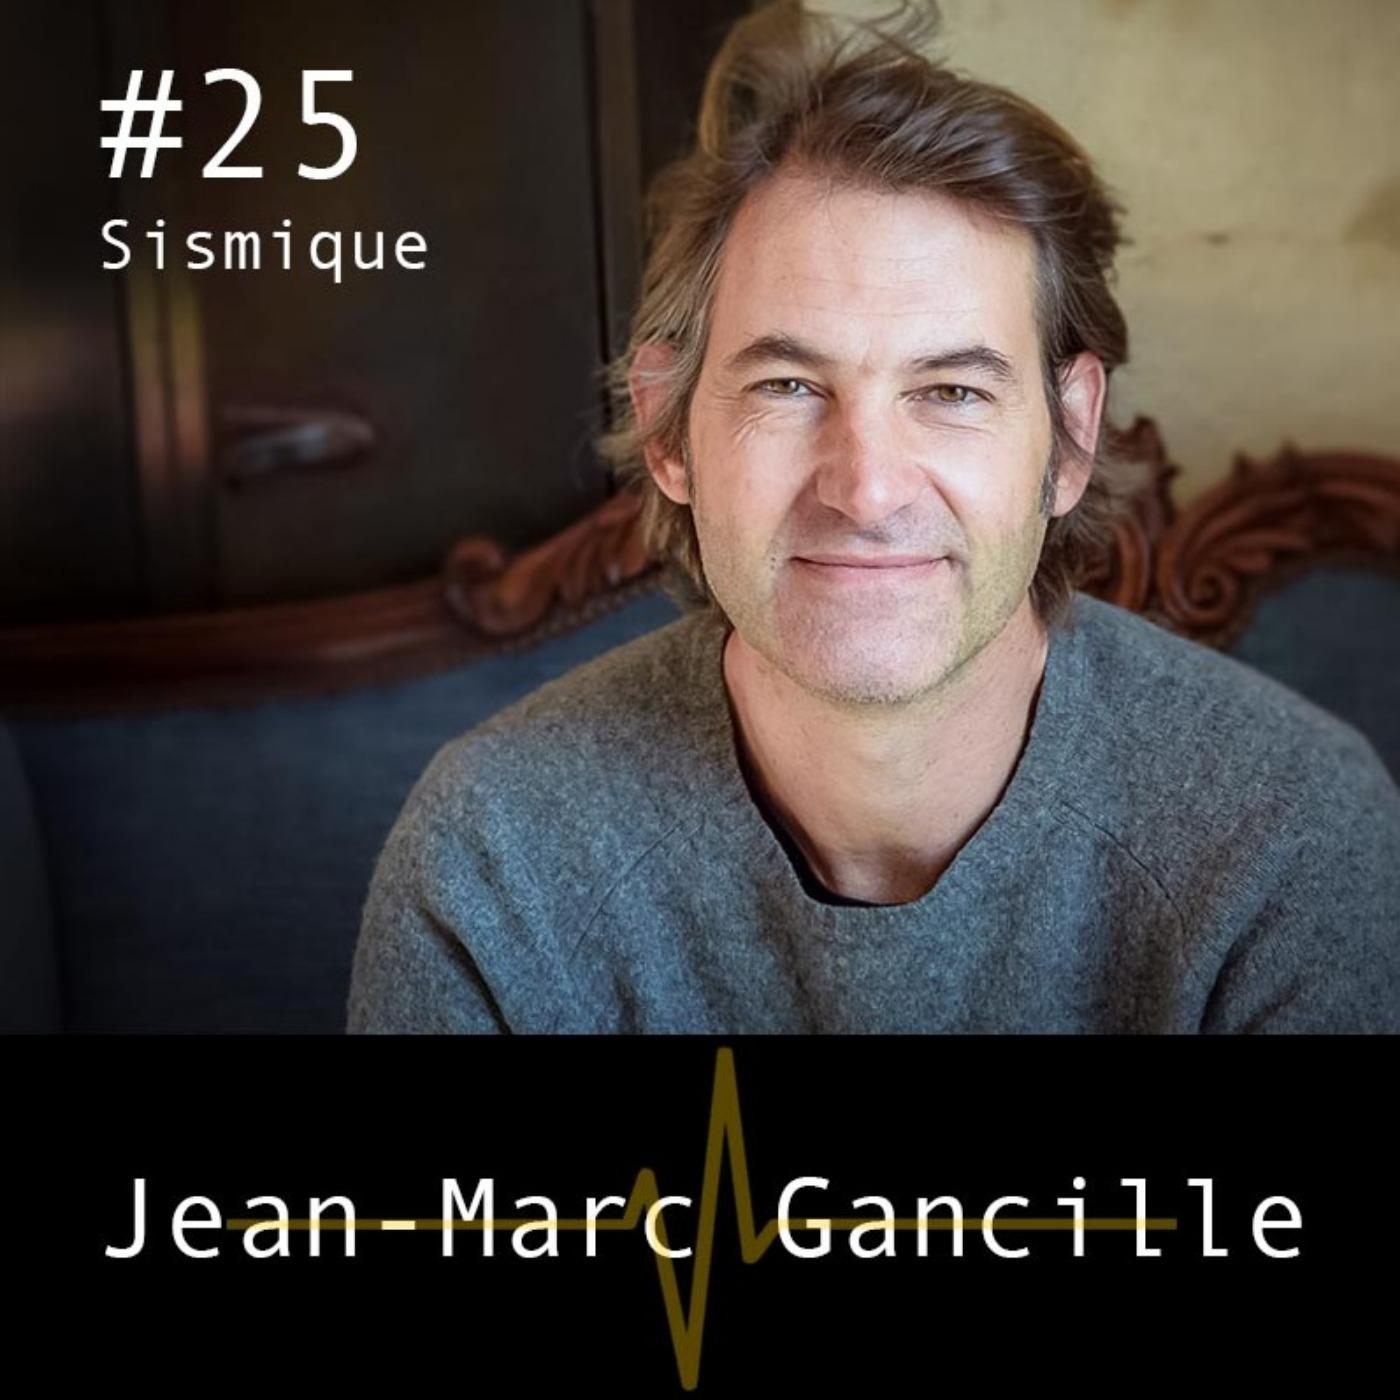 Abandonner l'espoir pour le courage - Jean-Marc Gancille